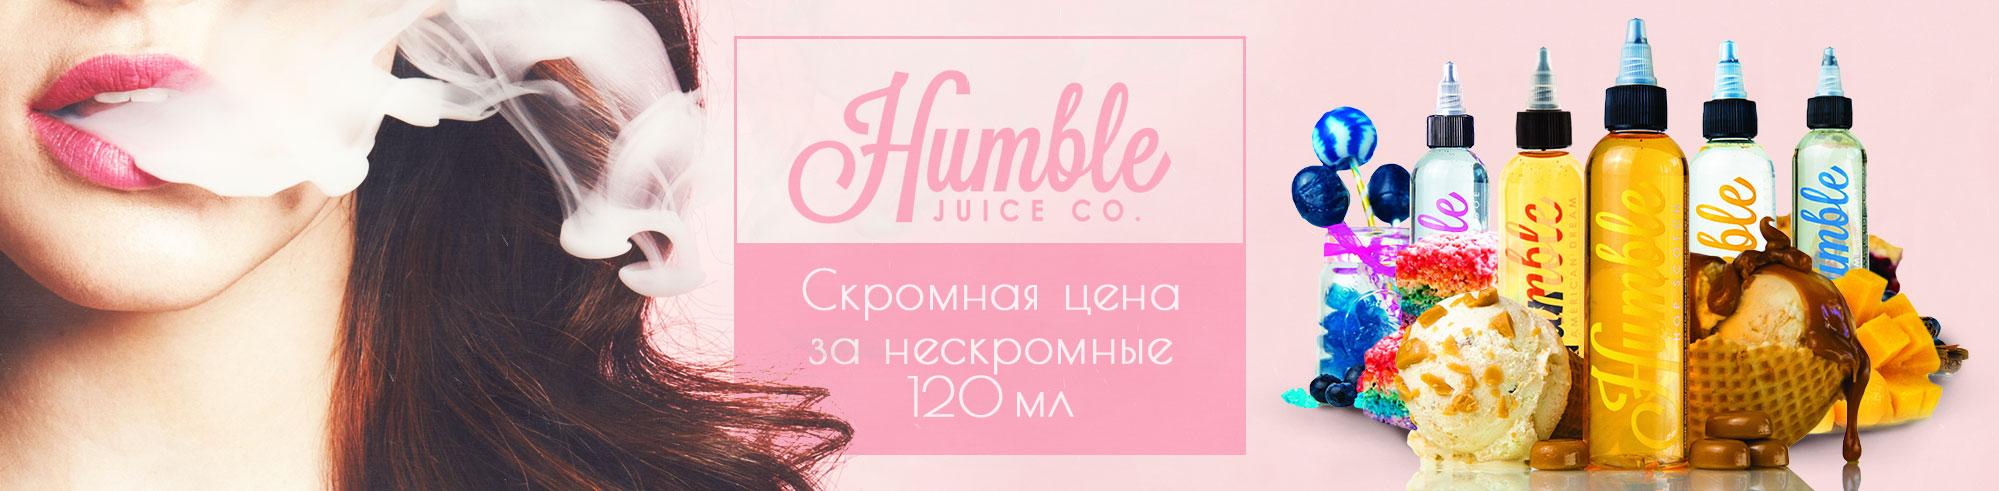 Humble - Скромная цена за не скромные 120мл!